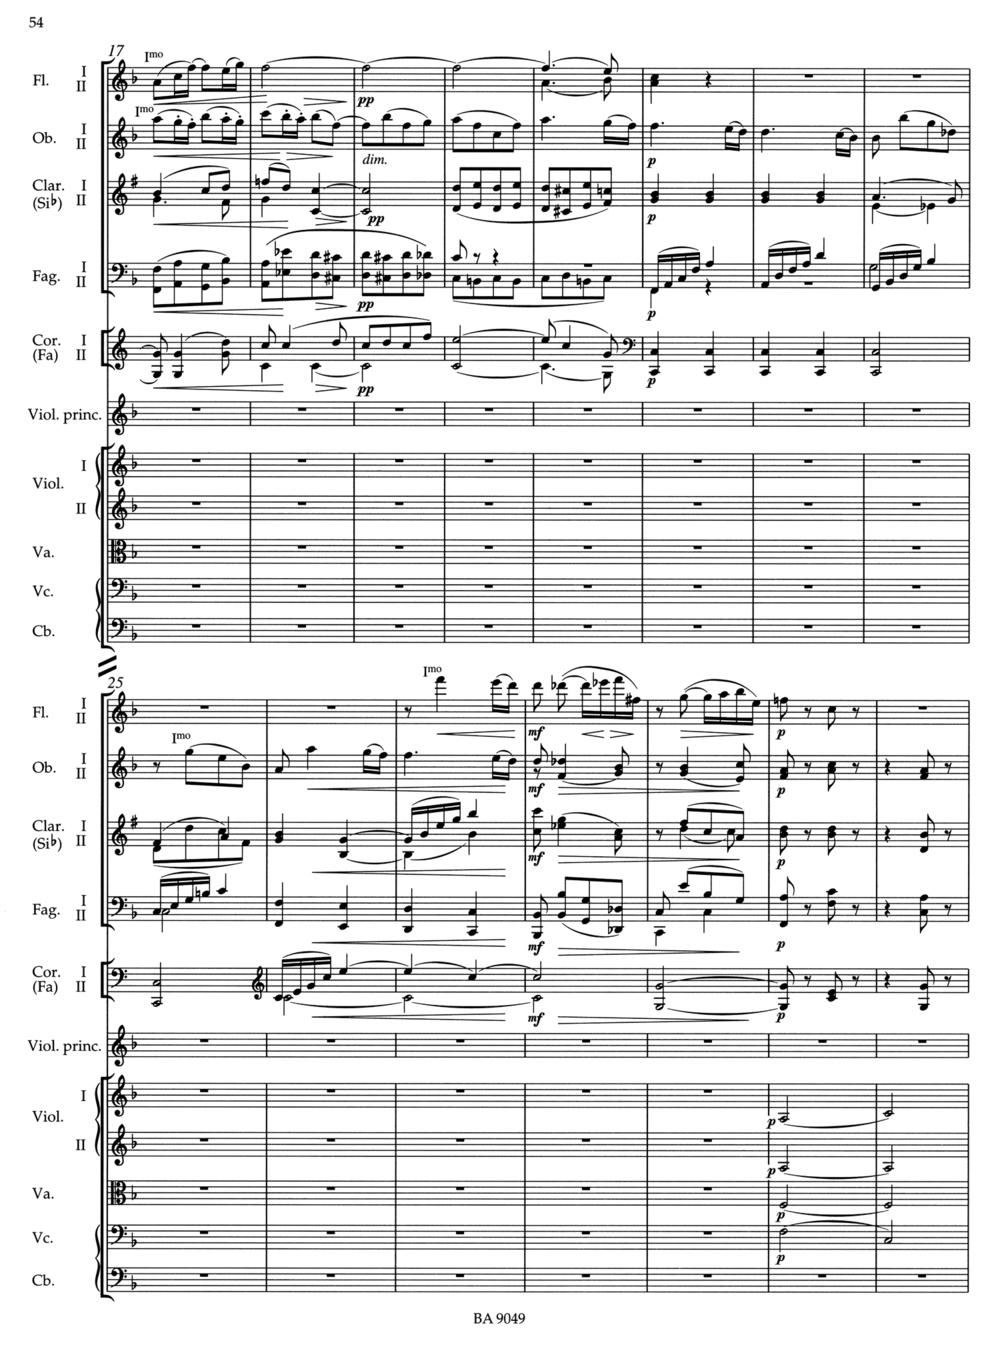 Brahms Violin Score 2.jpg